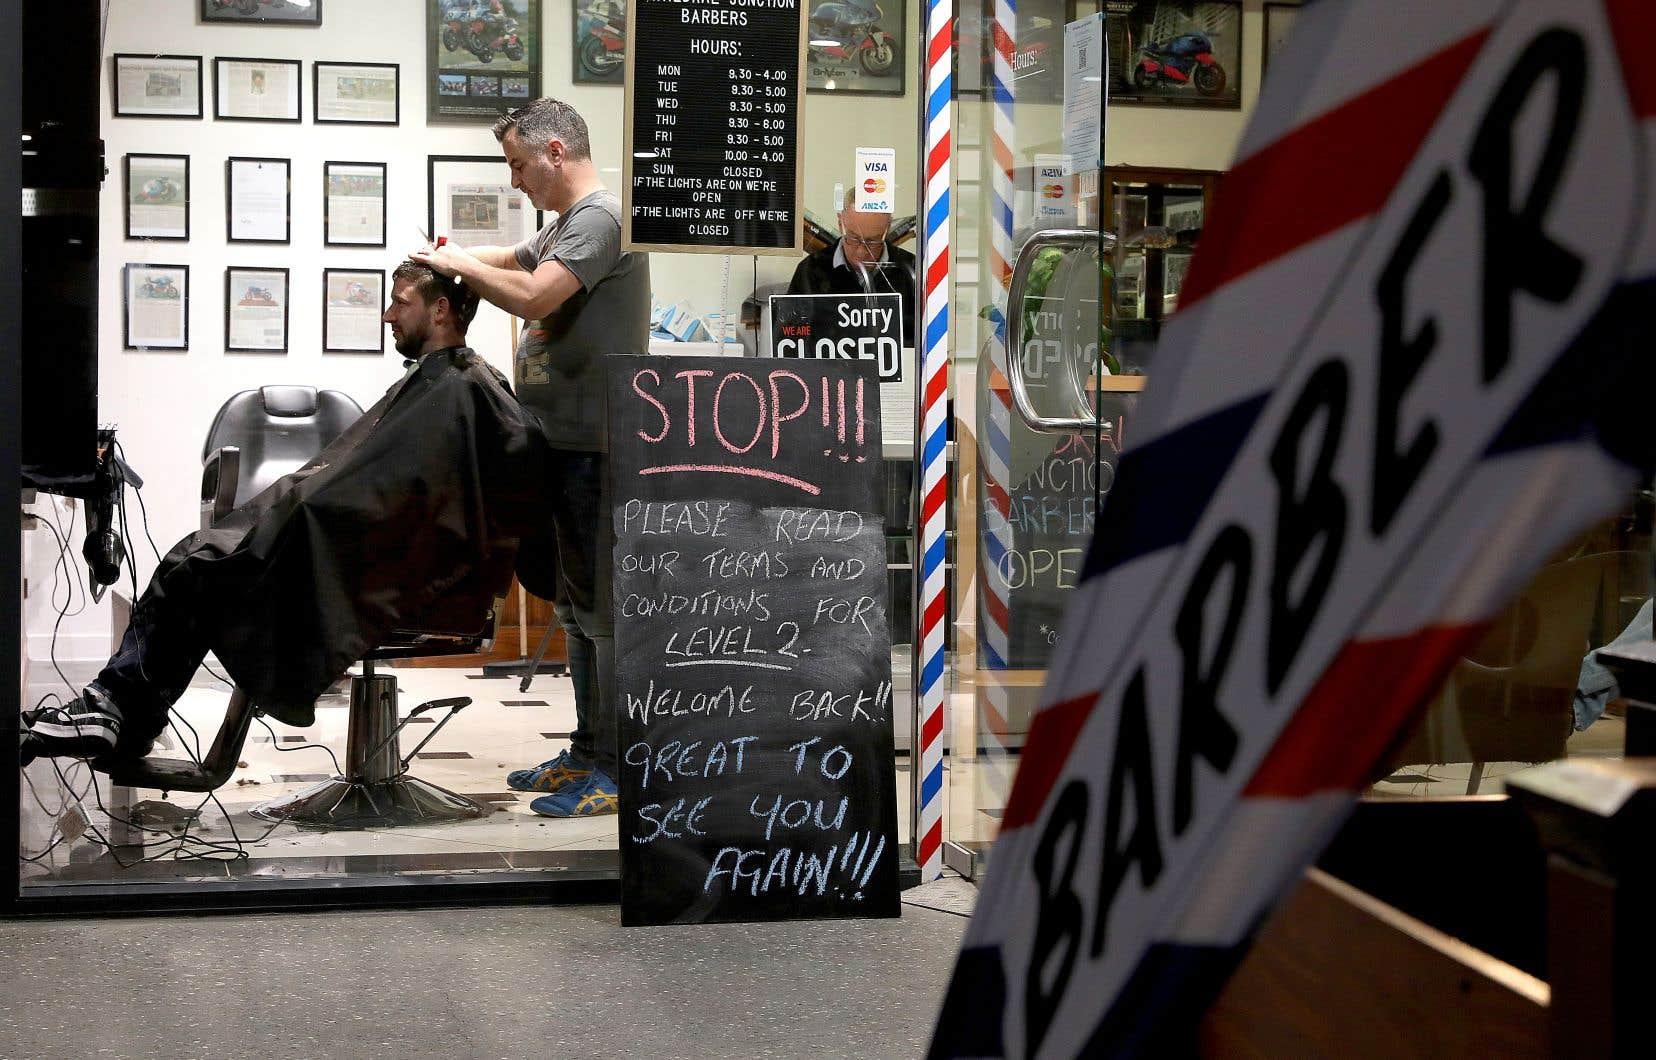 Si la Nouvelle-Zélande a déjà bien entamé son déconfinement, comme en permettant la réouverture des salons de coiffure, plusieurs secteurs de son économie sont toujours lourdement affectés par la pandémie.